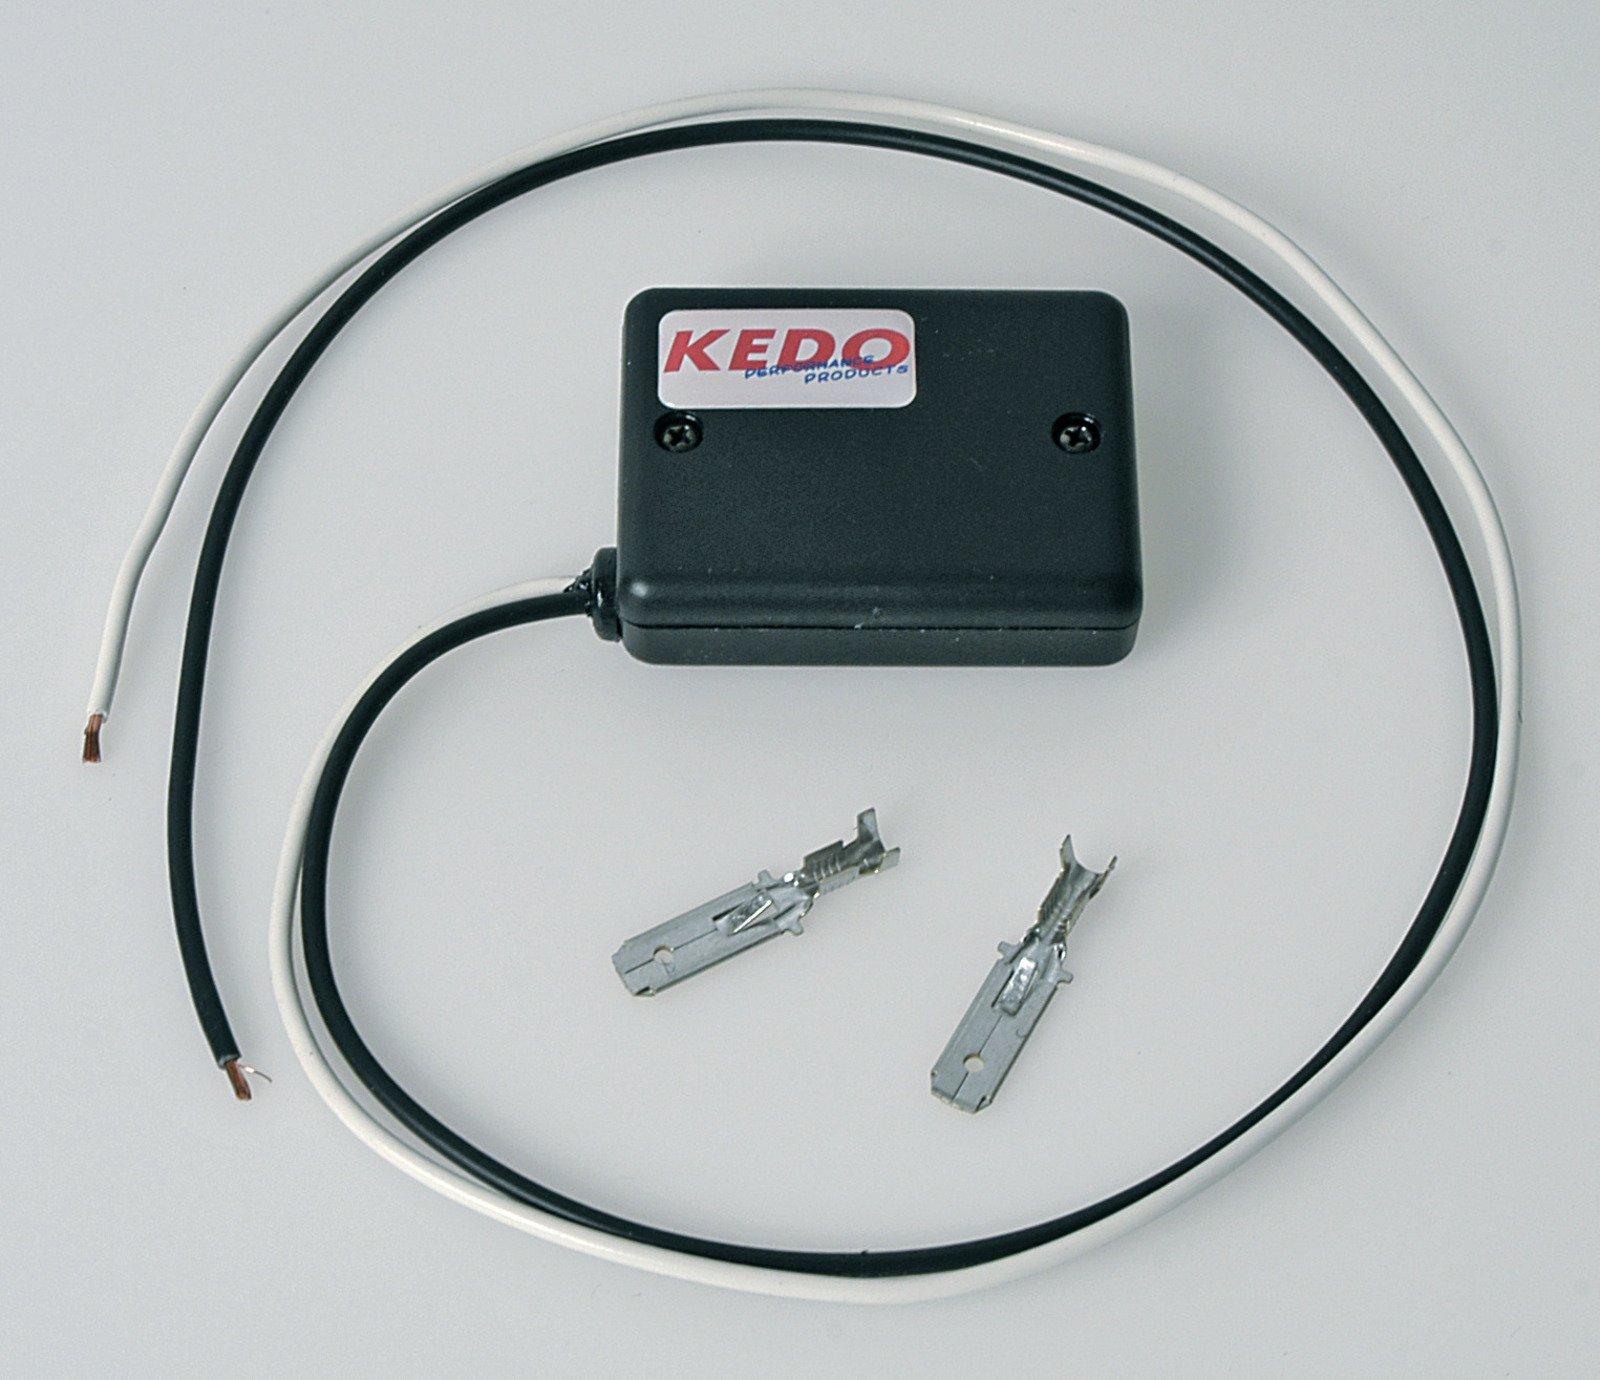 Yamaha SR500 CDI Governor With 13 Settings to Adjust Ignition Timing 40018